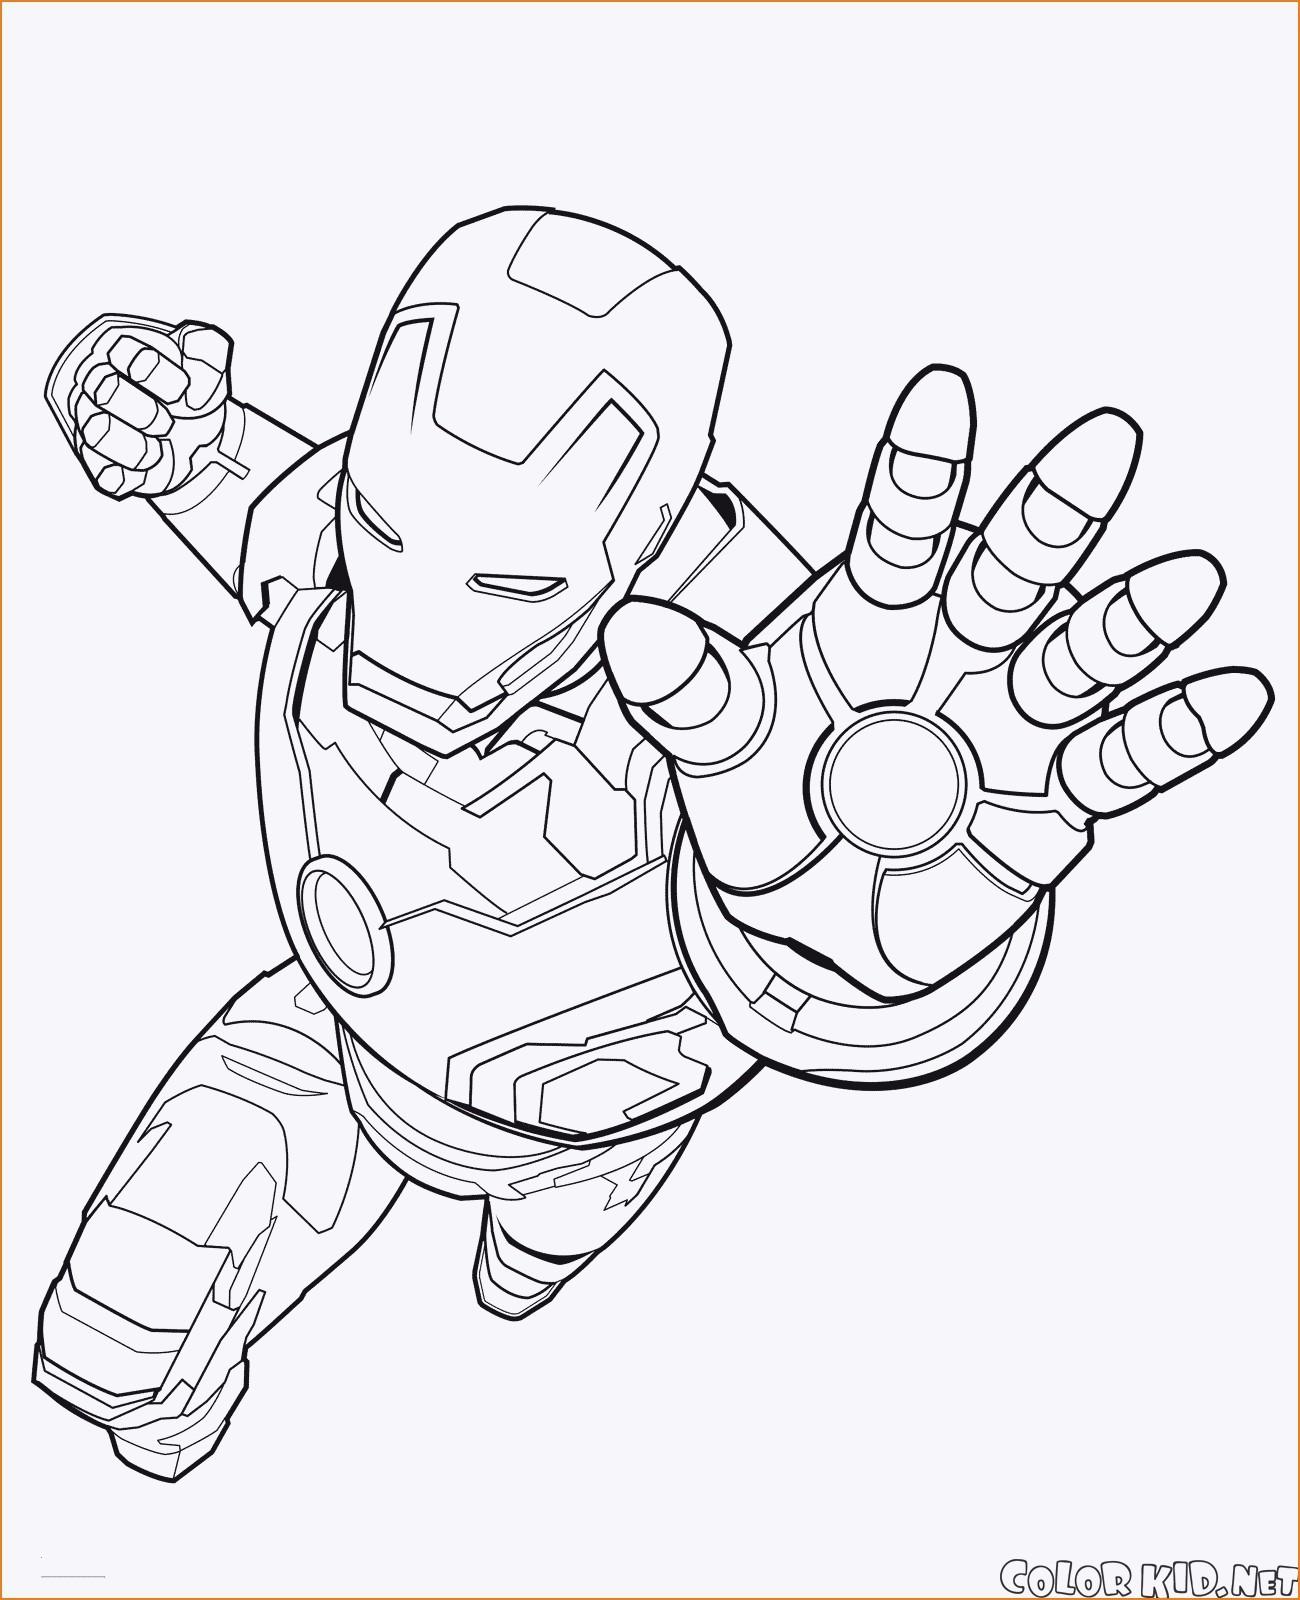 Spiderman Bilder Zum Ausmalen Einzigartig Spiderman Ausmalbilder Kostenlos Wundersame Ausmalbilder Iron Man Sammlung